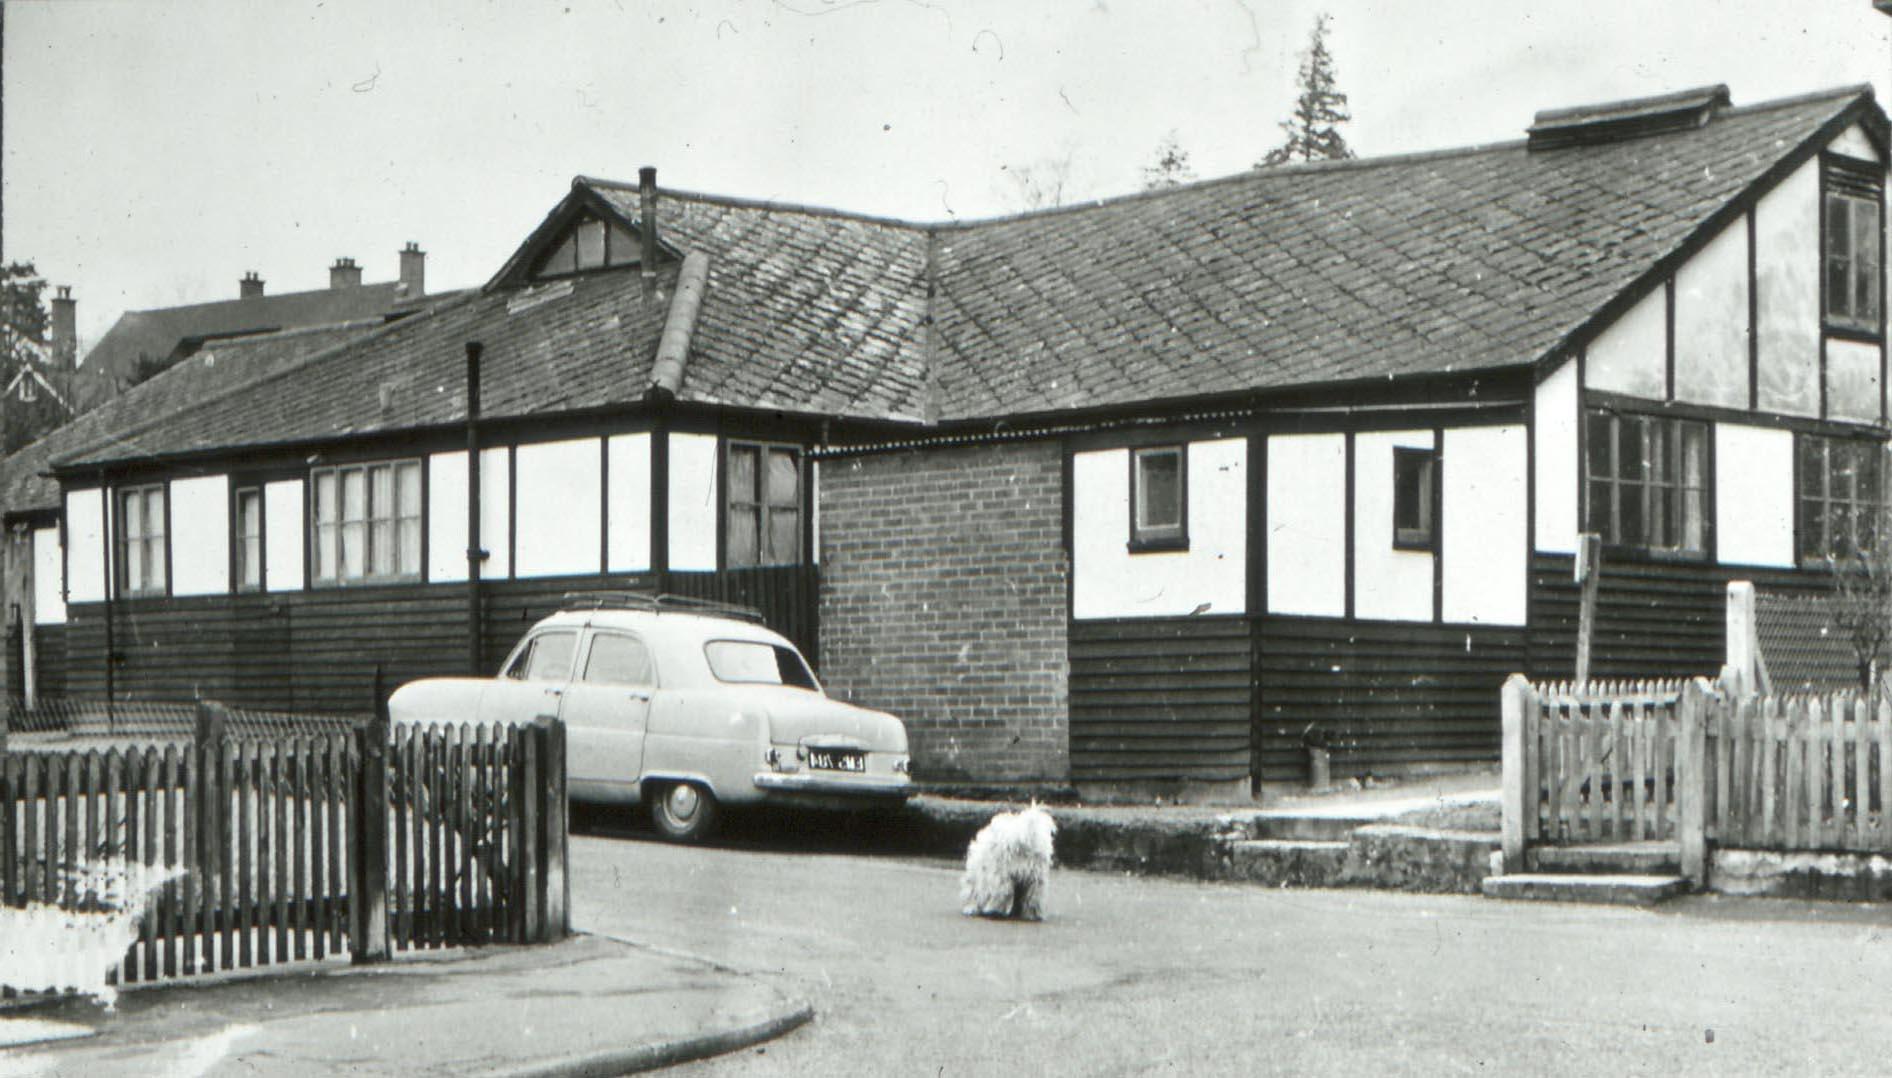 The Hut (Image 1)